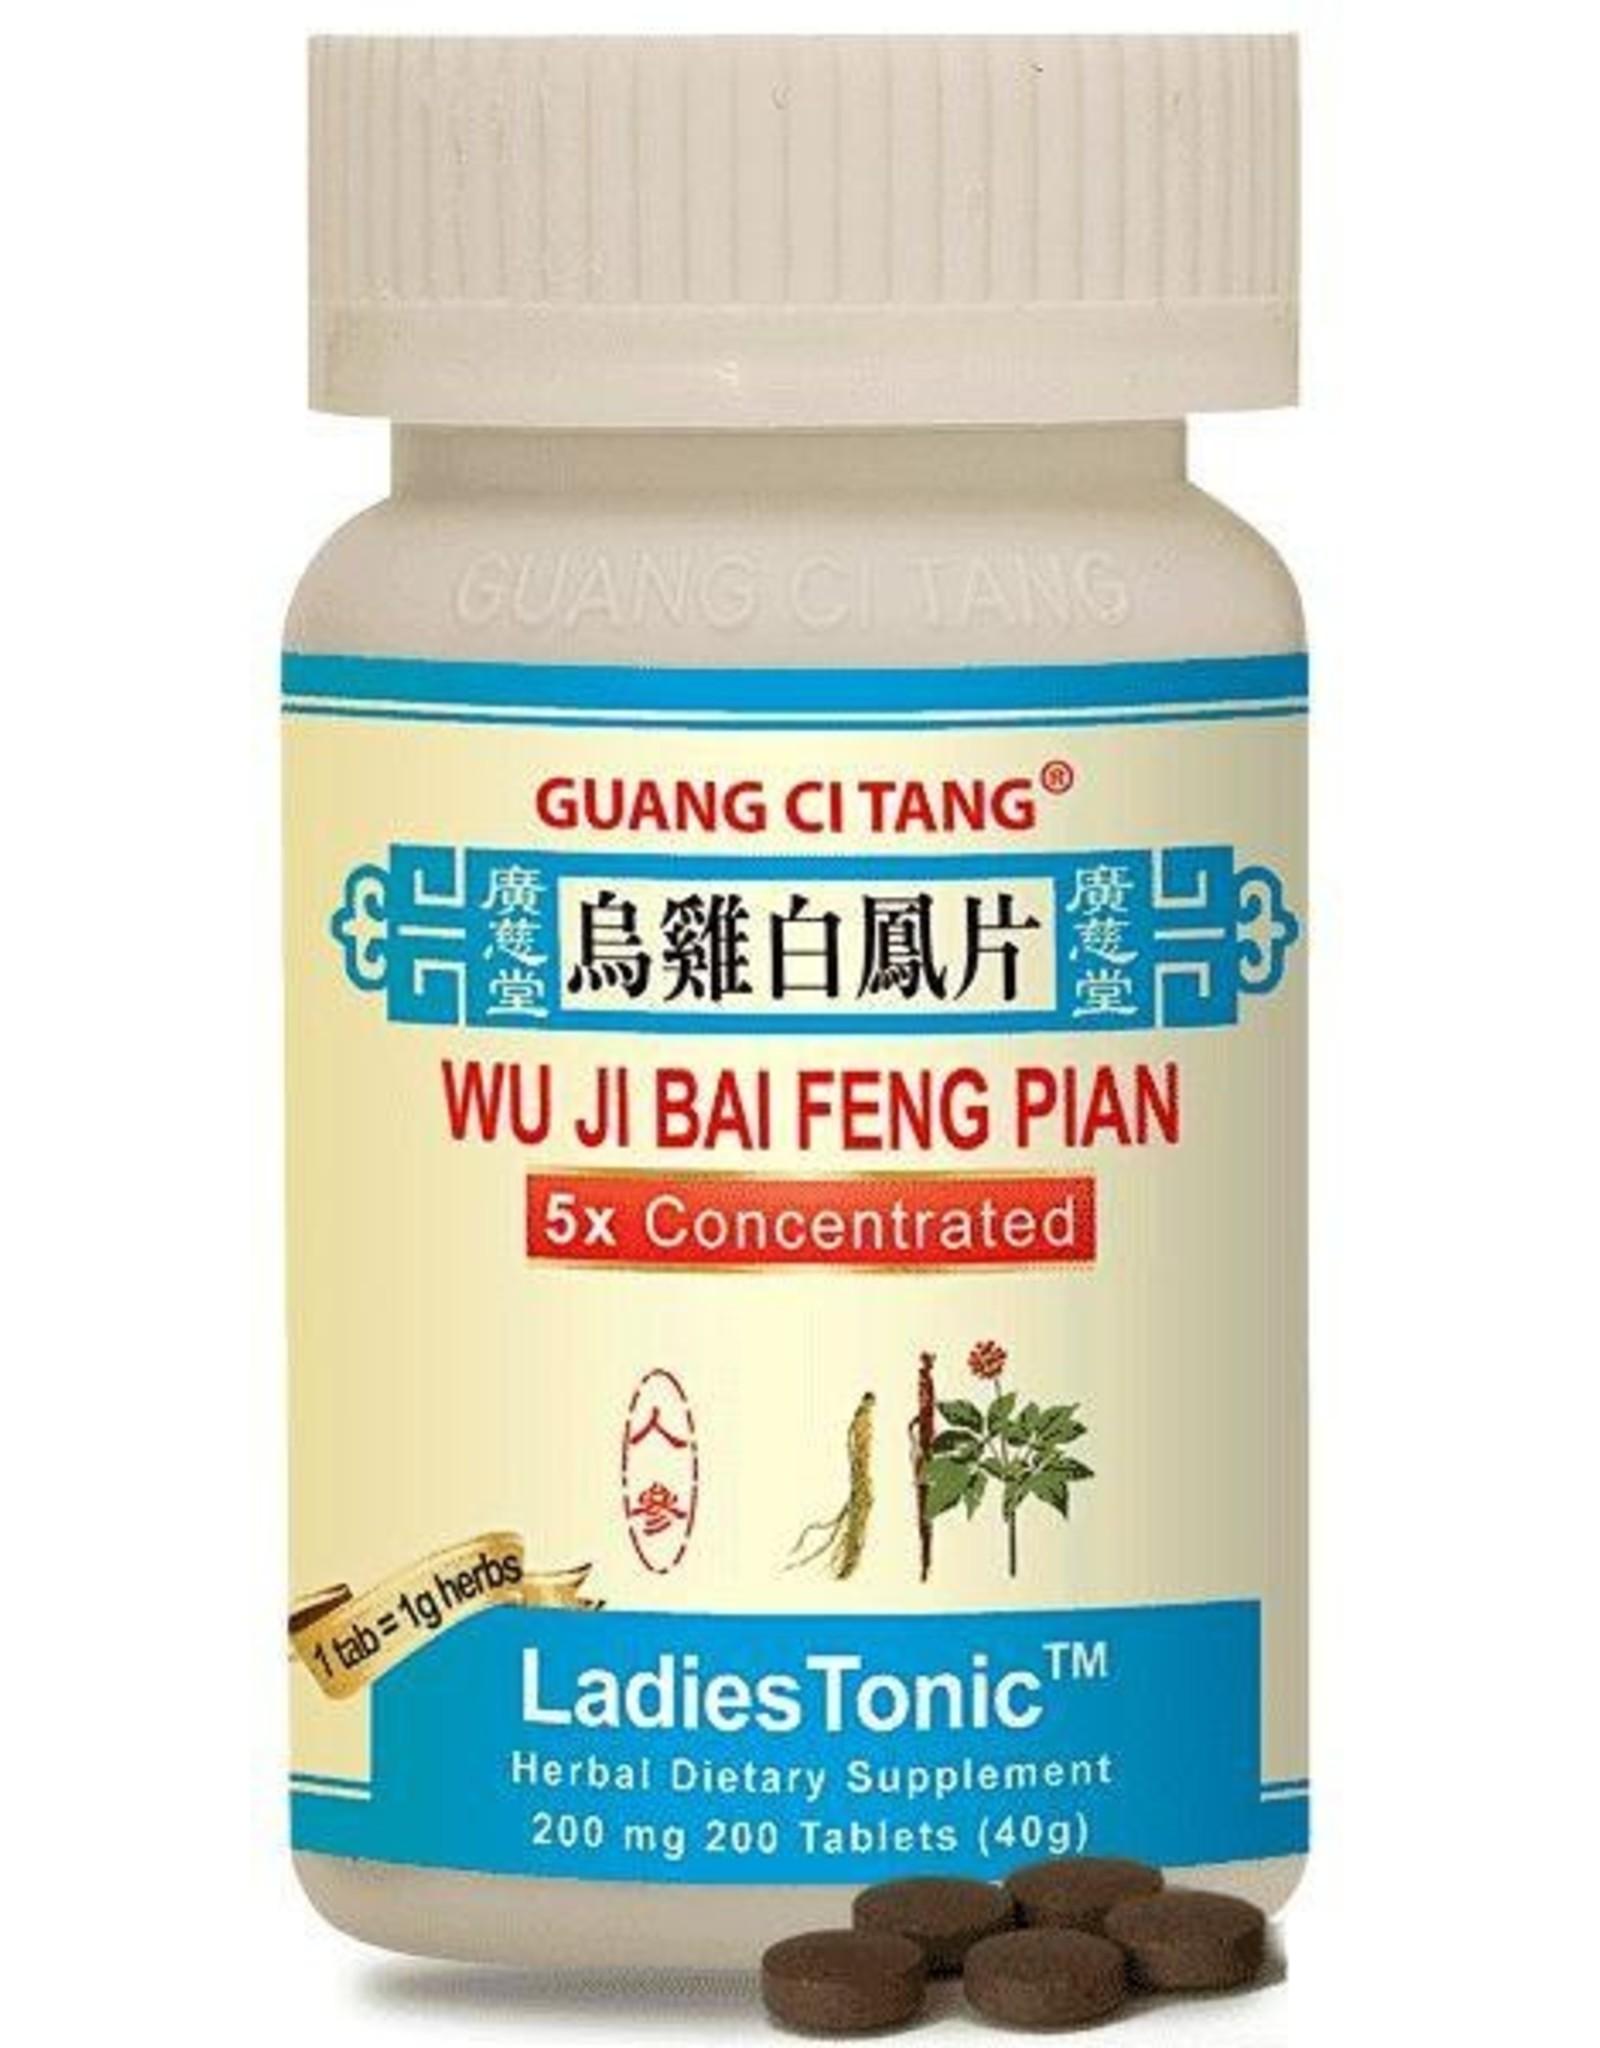 Guang Ci Tang Wu Ji Bai Feng Pian - LadiesTonic